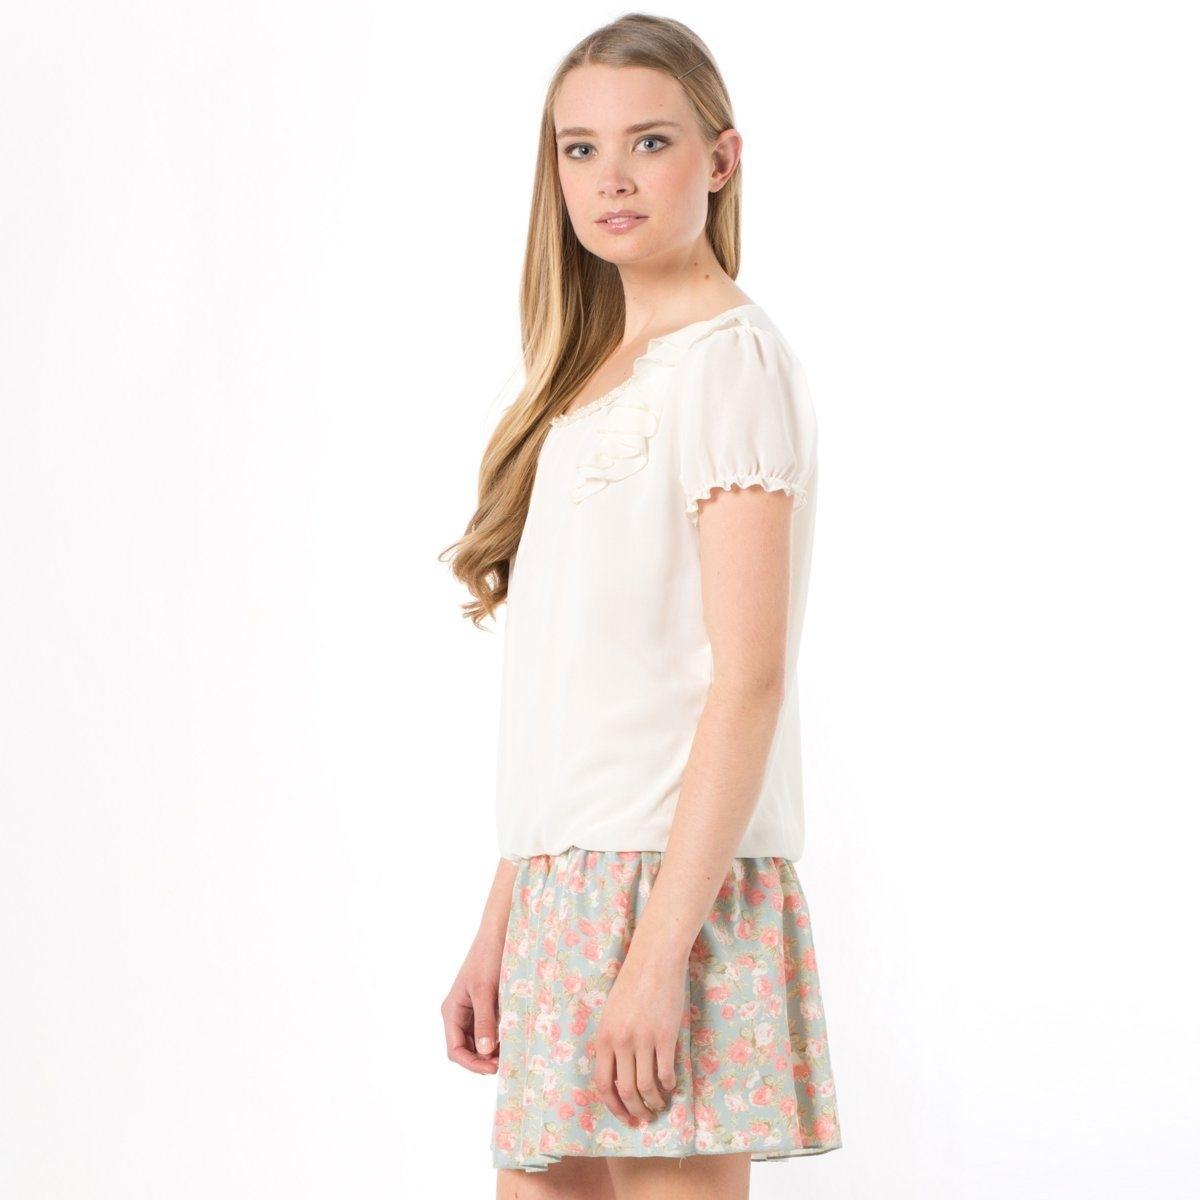 Платье 2 в 1Платье 2 в 1 MOLLY BRACKEN из 100% полиэстера. Эластичные вставки на бедрах. Длина ок.83 см.<br><br>Цвет: экрю